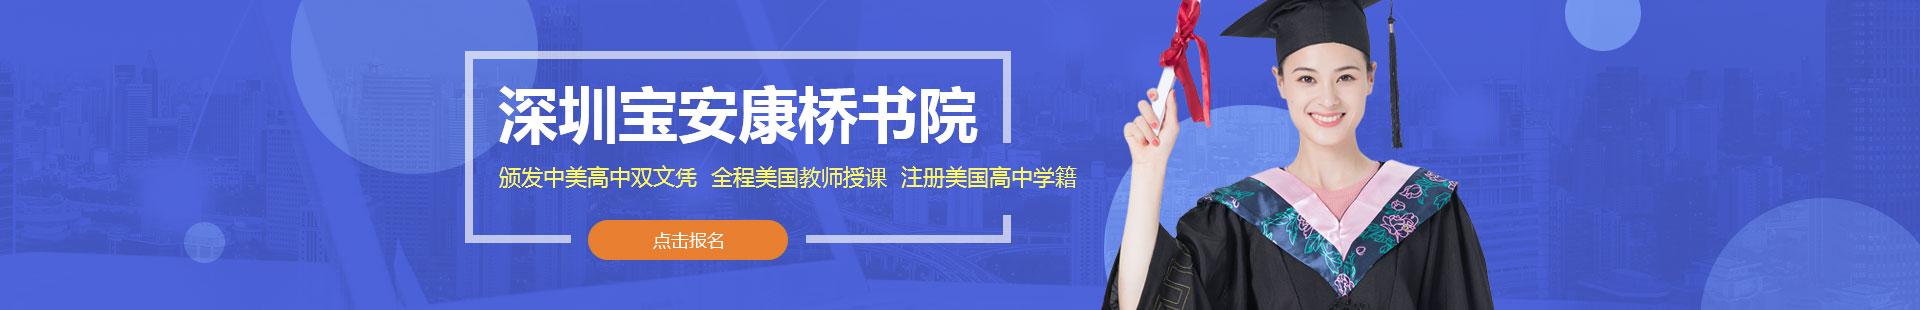 深圳康桥书院